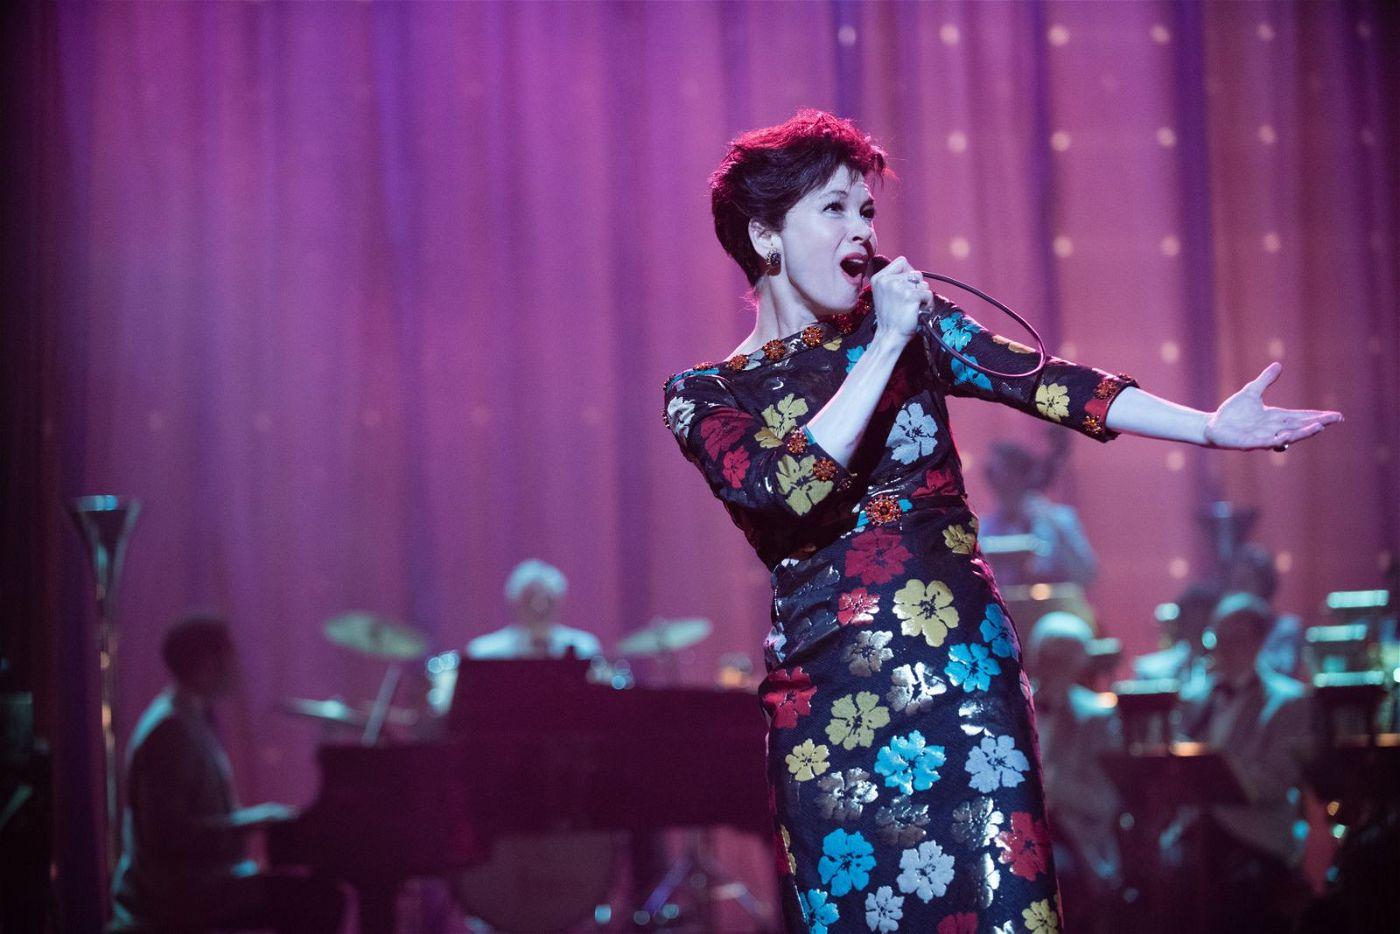 Egal, wie sehr ihr das Leben zusetzt: Auf der Bühne gibt Judy Garland (Renée Zellweger) alles.